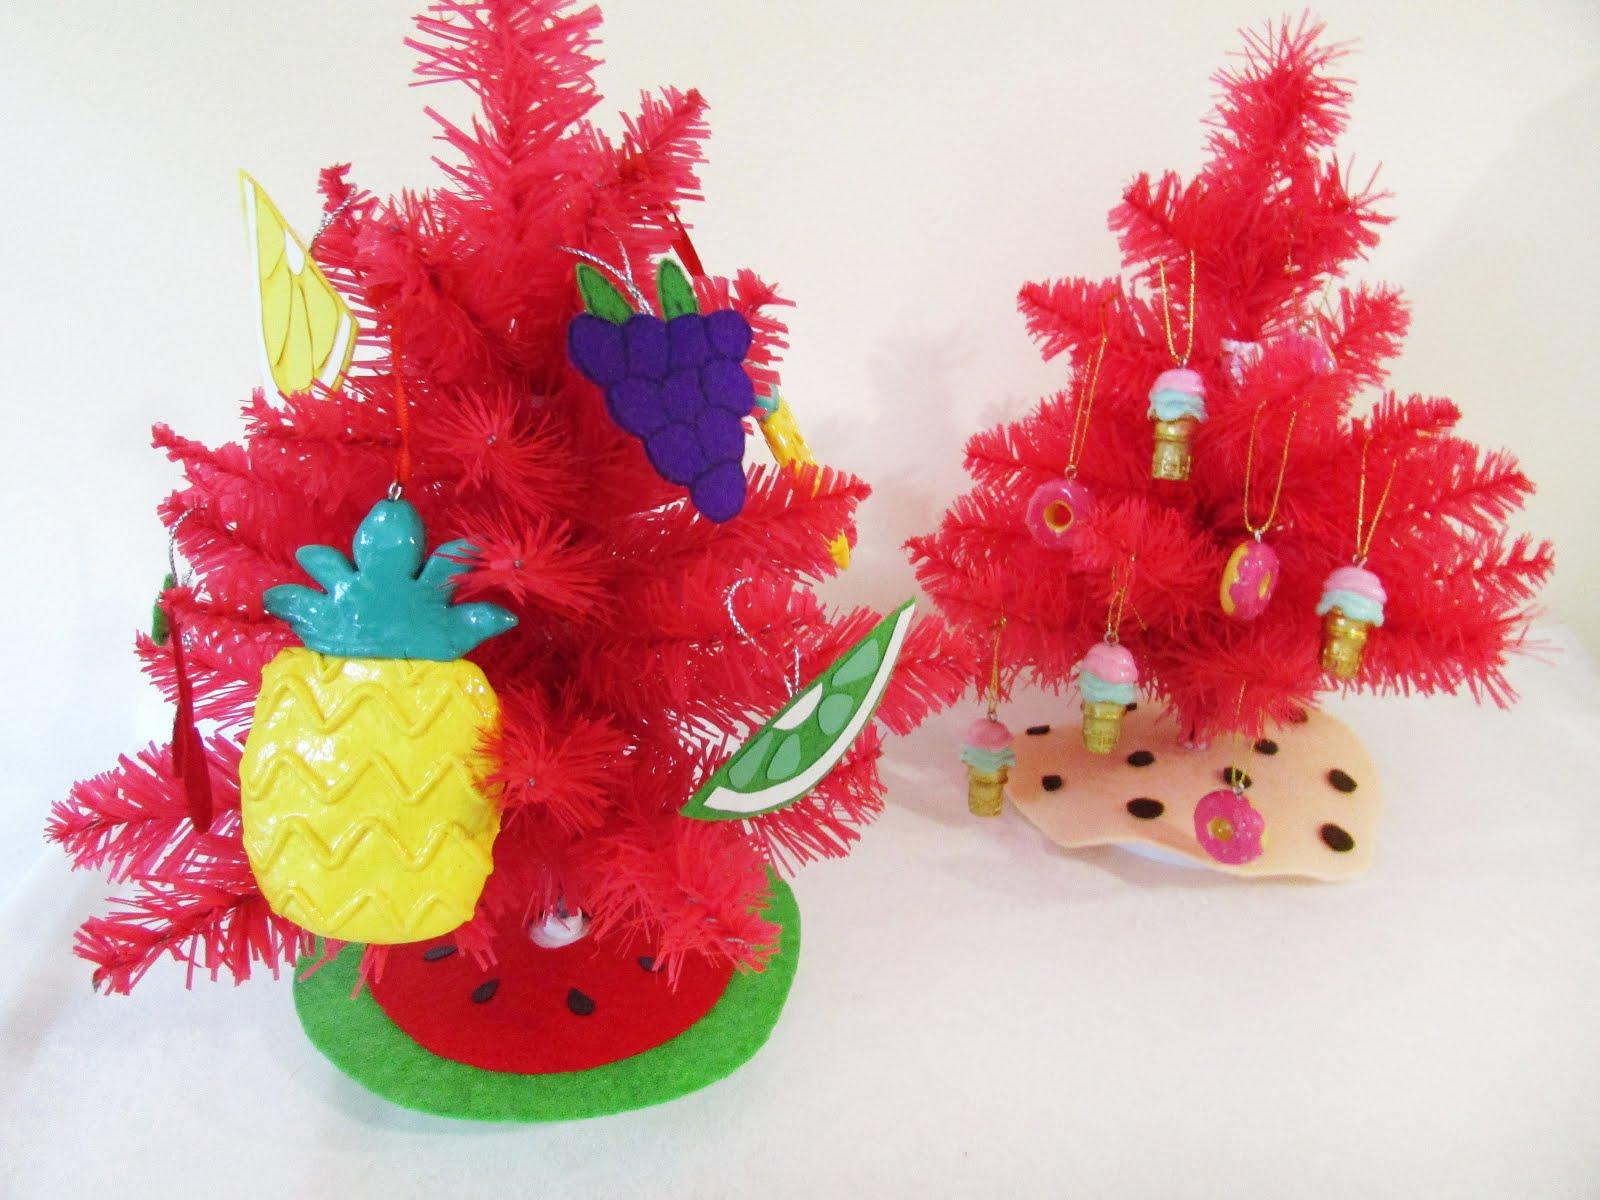 DIY Skirts for Mini Christmas Trees